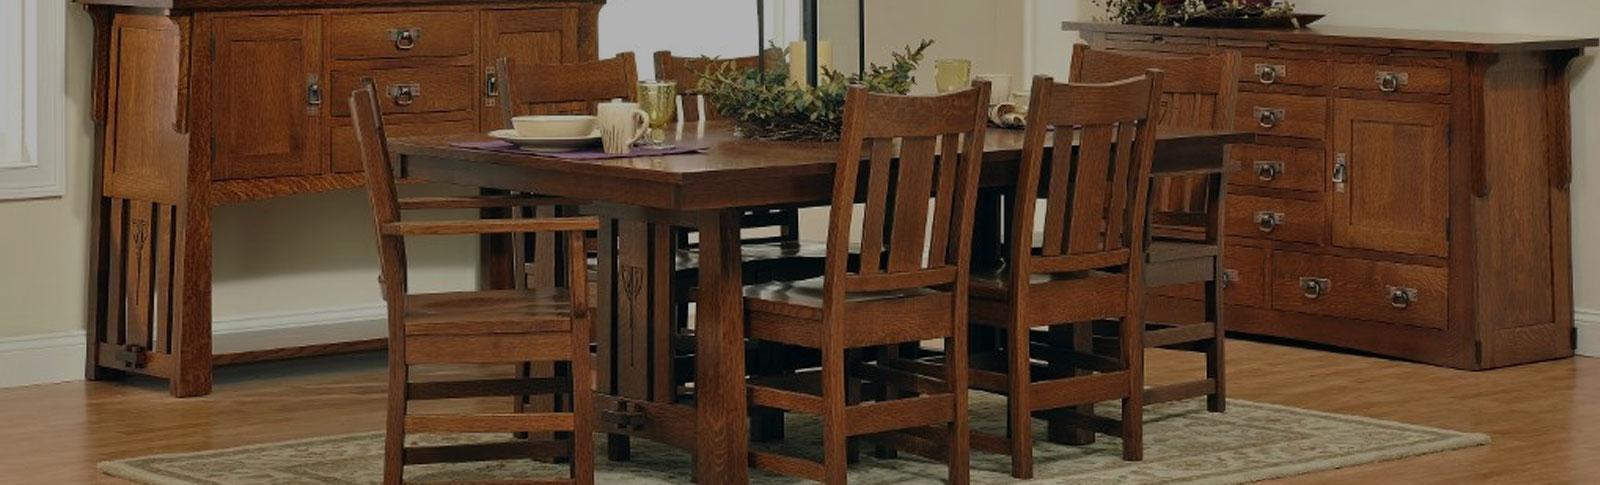 Custom Wood Furniture In A. Local Artisans U0026 American Craftsmen